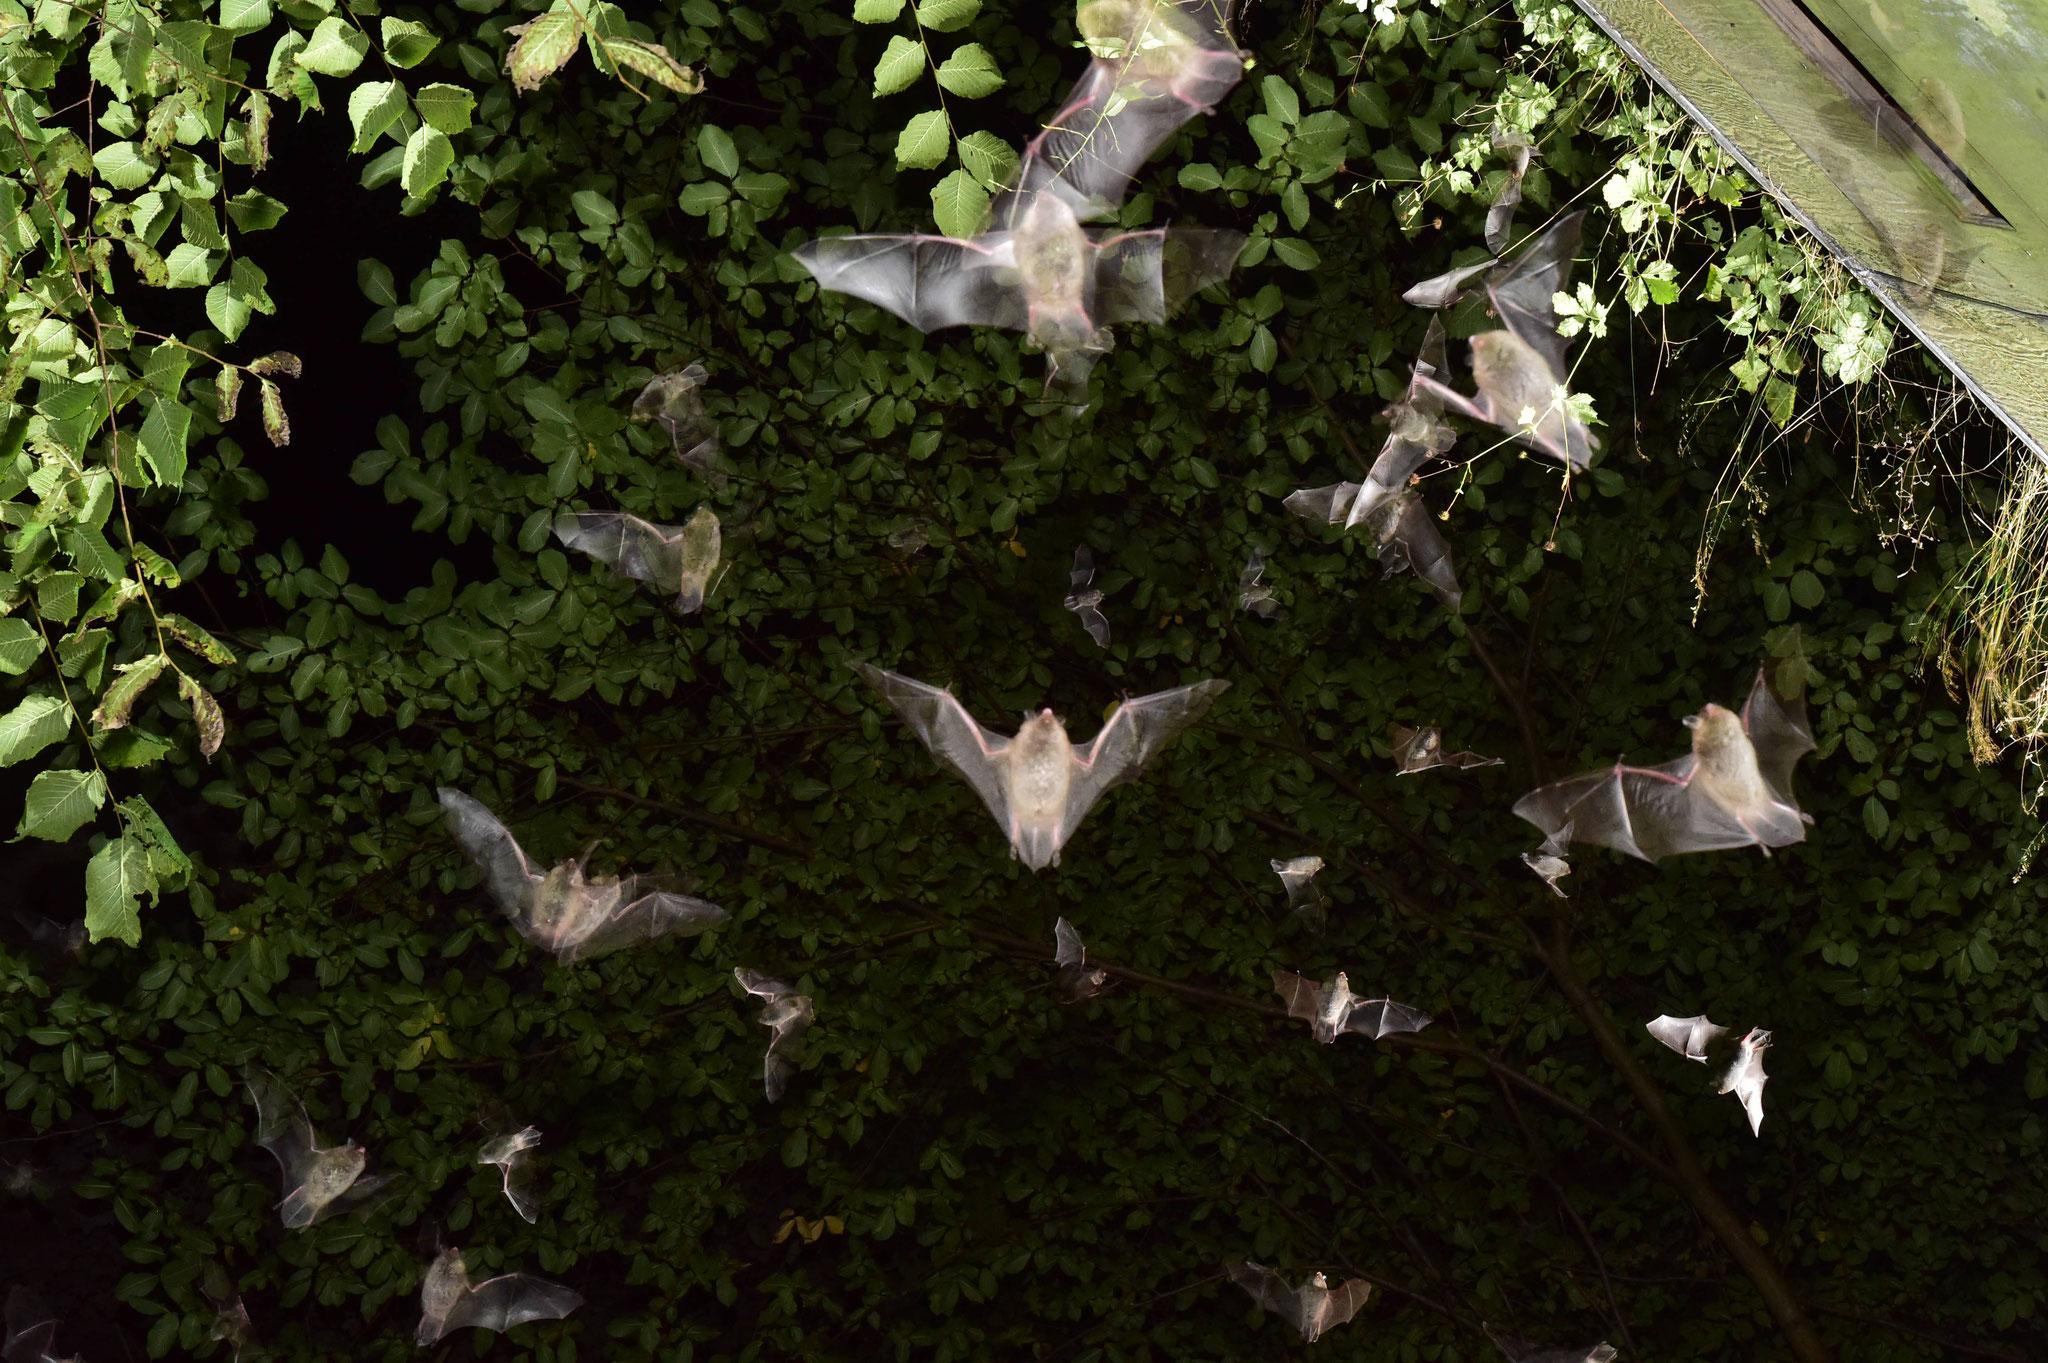 Das Einschwärmen der Fledermäuse in die Segeberger Kalkberghöhle ist eines der geheimnisvollsten Naturschauspiele Norddeutschlands. Am 24. August ab 22.00 Uhr live zu erleben auf der Bat Night Bad Segeberg.